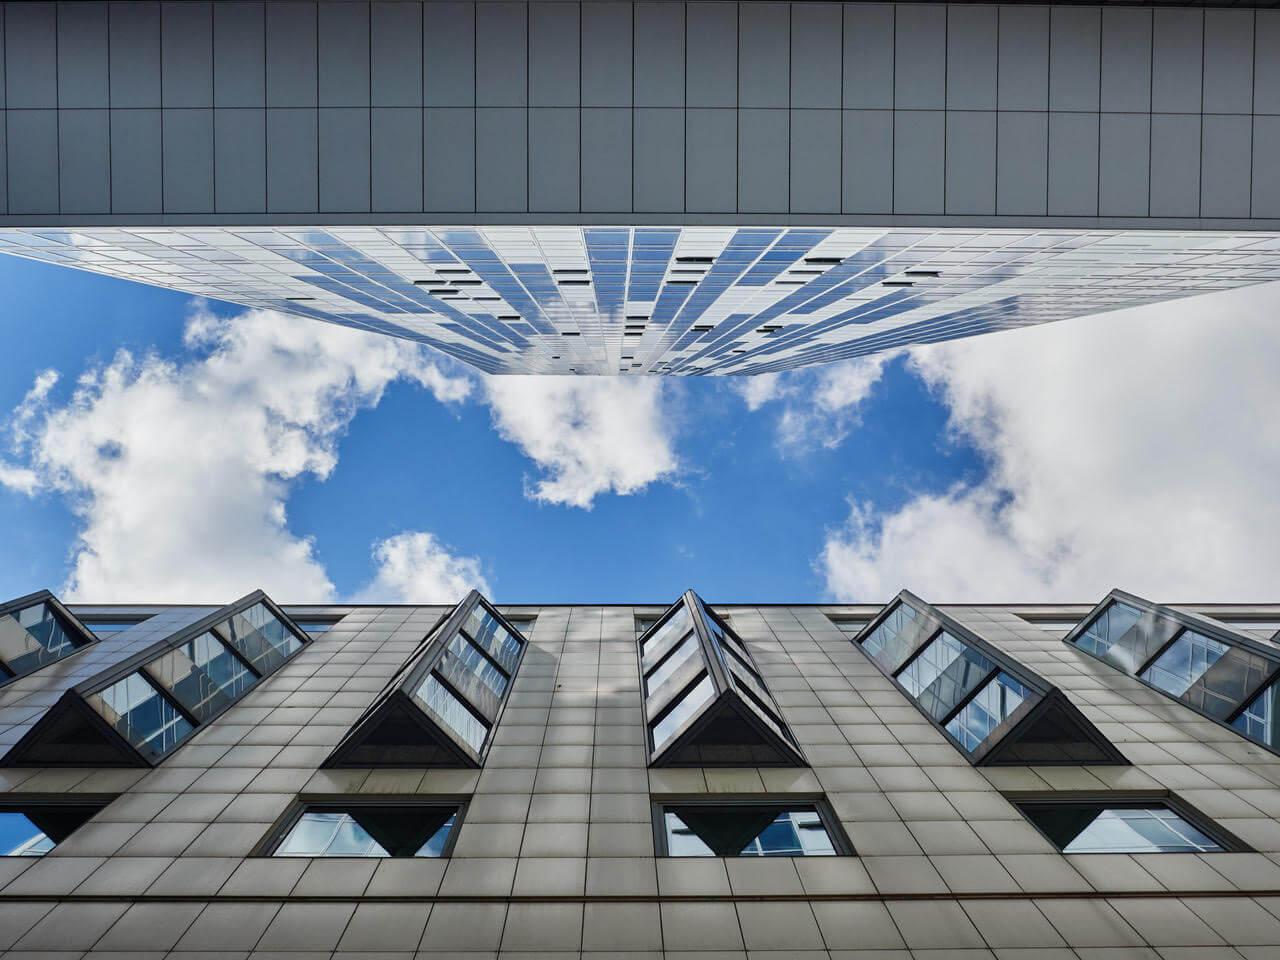 Polski producent filtrów powietrza do central wentylacyjnych i klimatyzacyjnych -